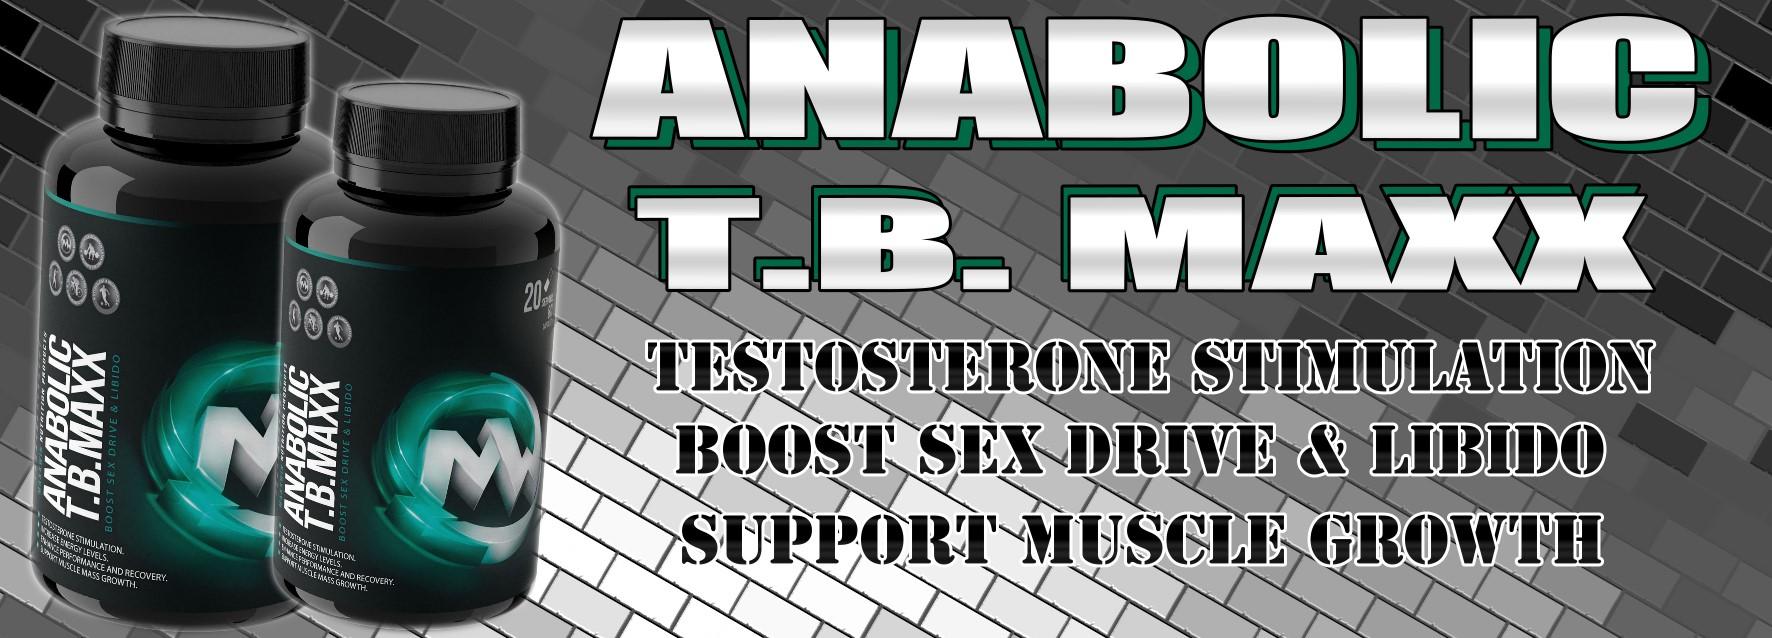 http://bull-attack.com/images/tbmaxx-Banner.jpg